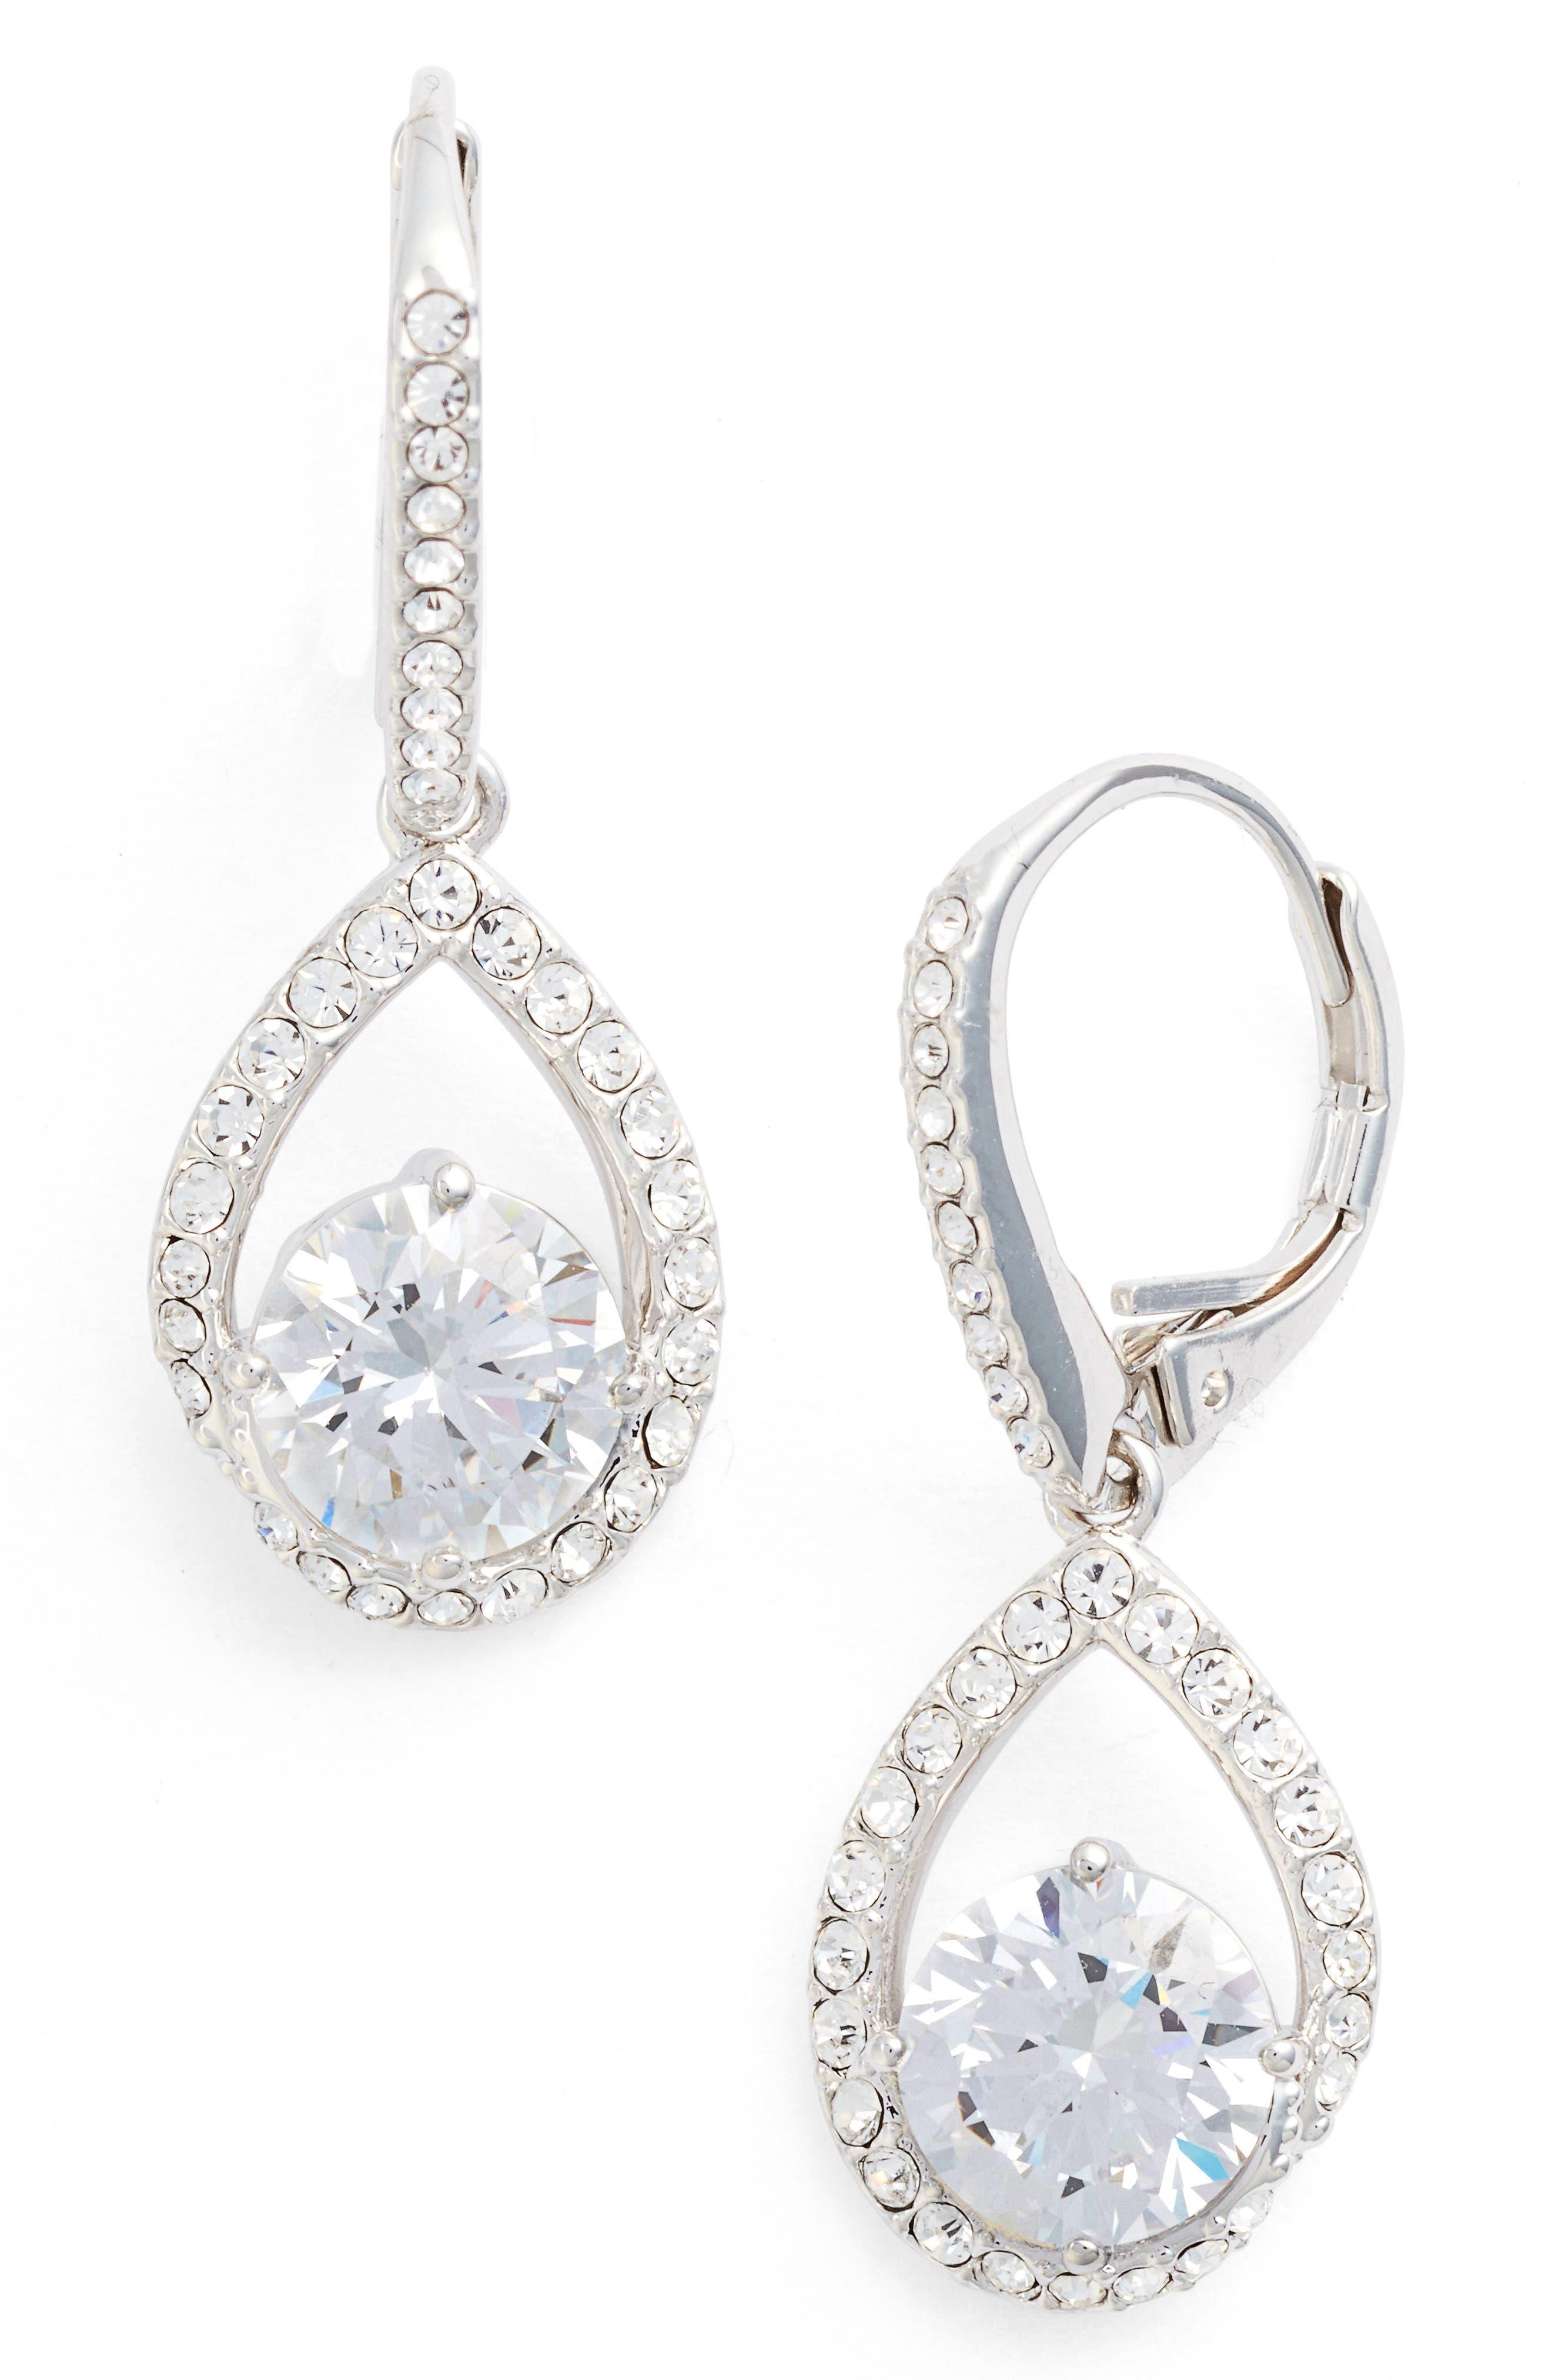 Main Image - Nadri Cubic Zirconia Pear Drop Earrings